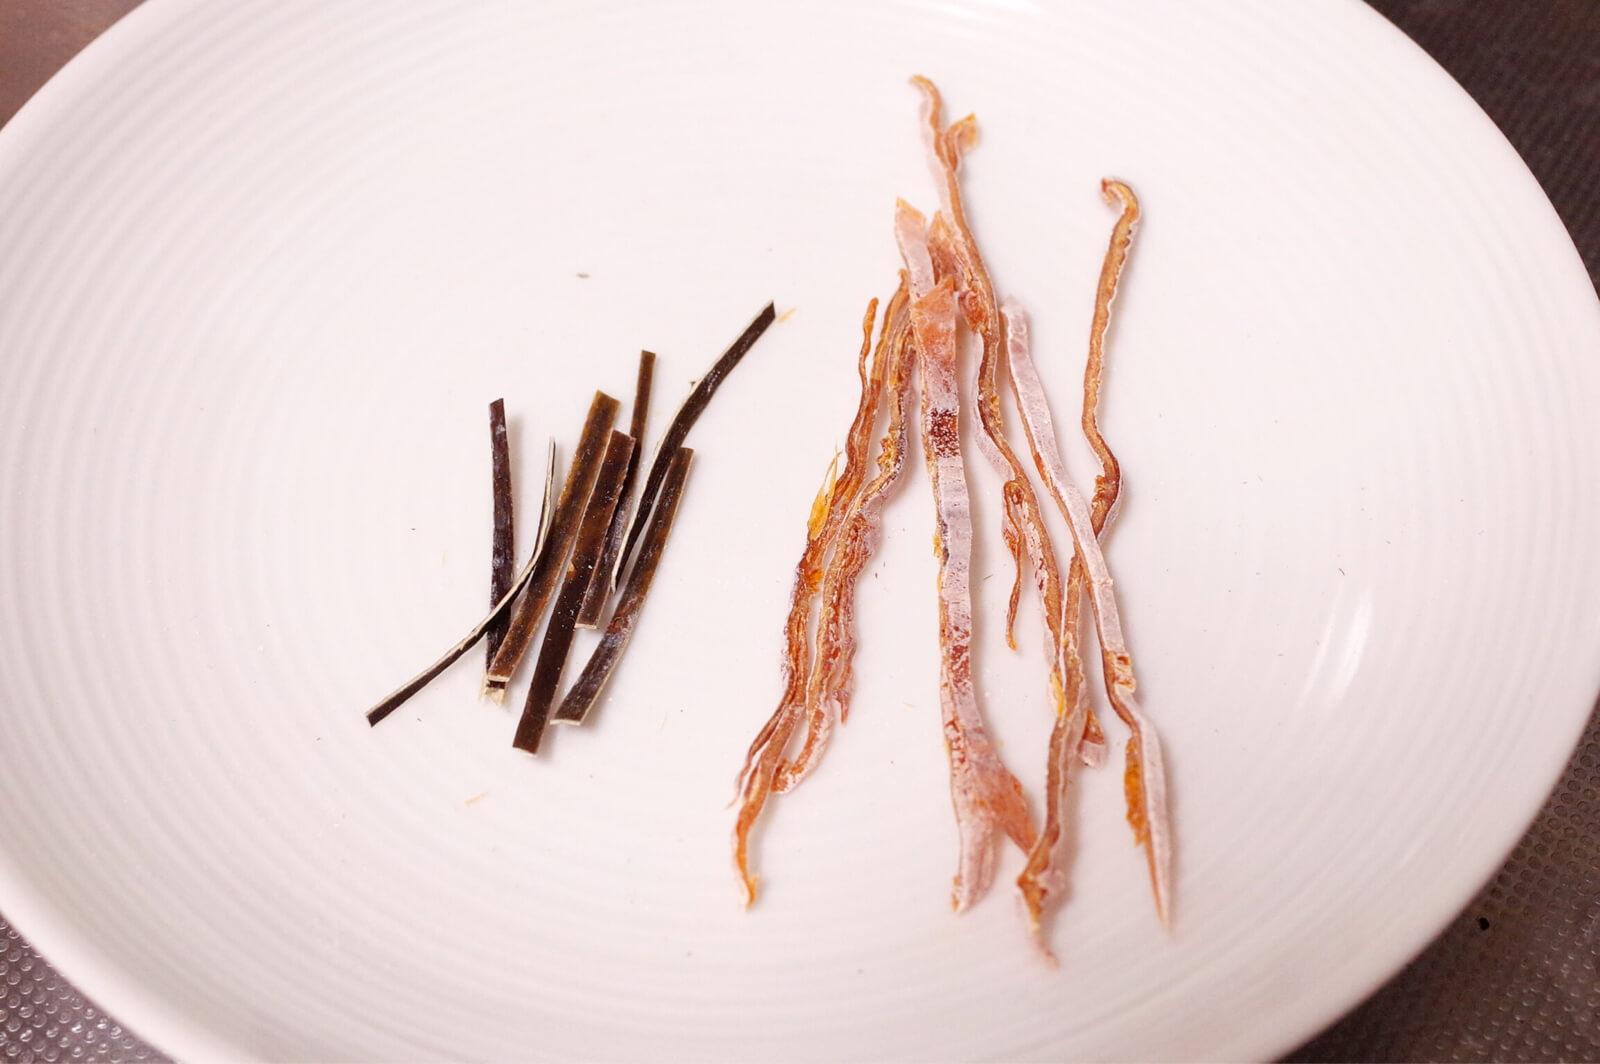 ツヴィリング 料理バサミ スルメ 昆布